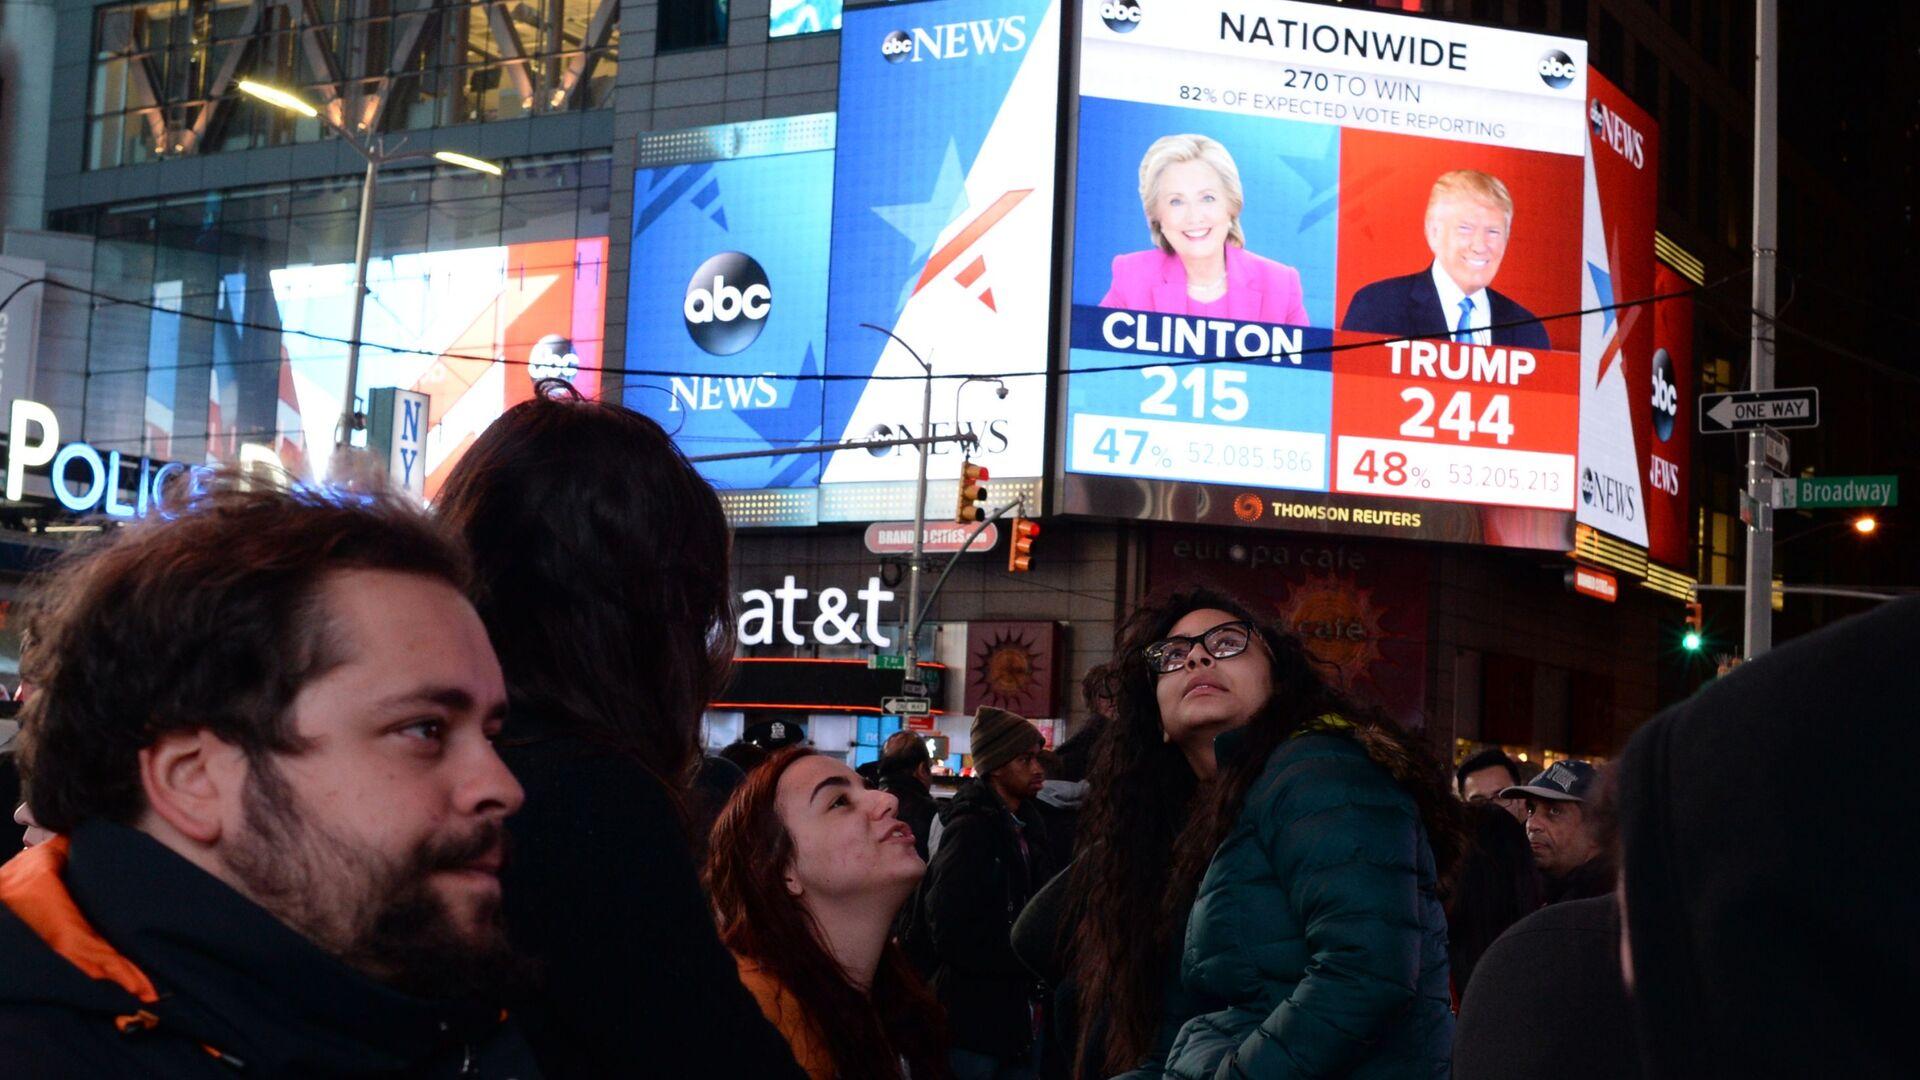 1551570172 0:57:2931:1706 1920x0 80 0 0 0e679aae966e48d3ba2d0bed8352bca6 - Что стоит за словами Габриэля о невмешательстве России в выборы в США?